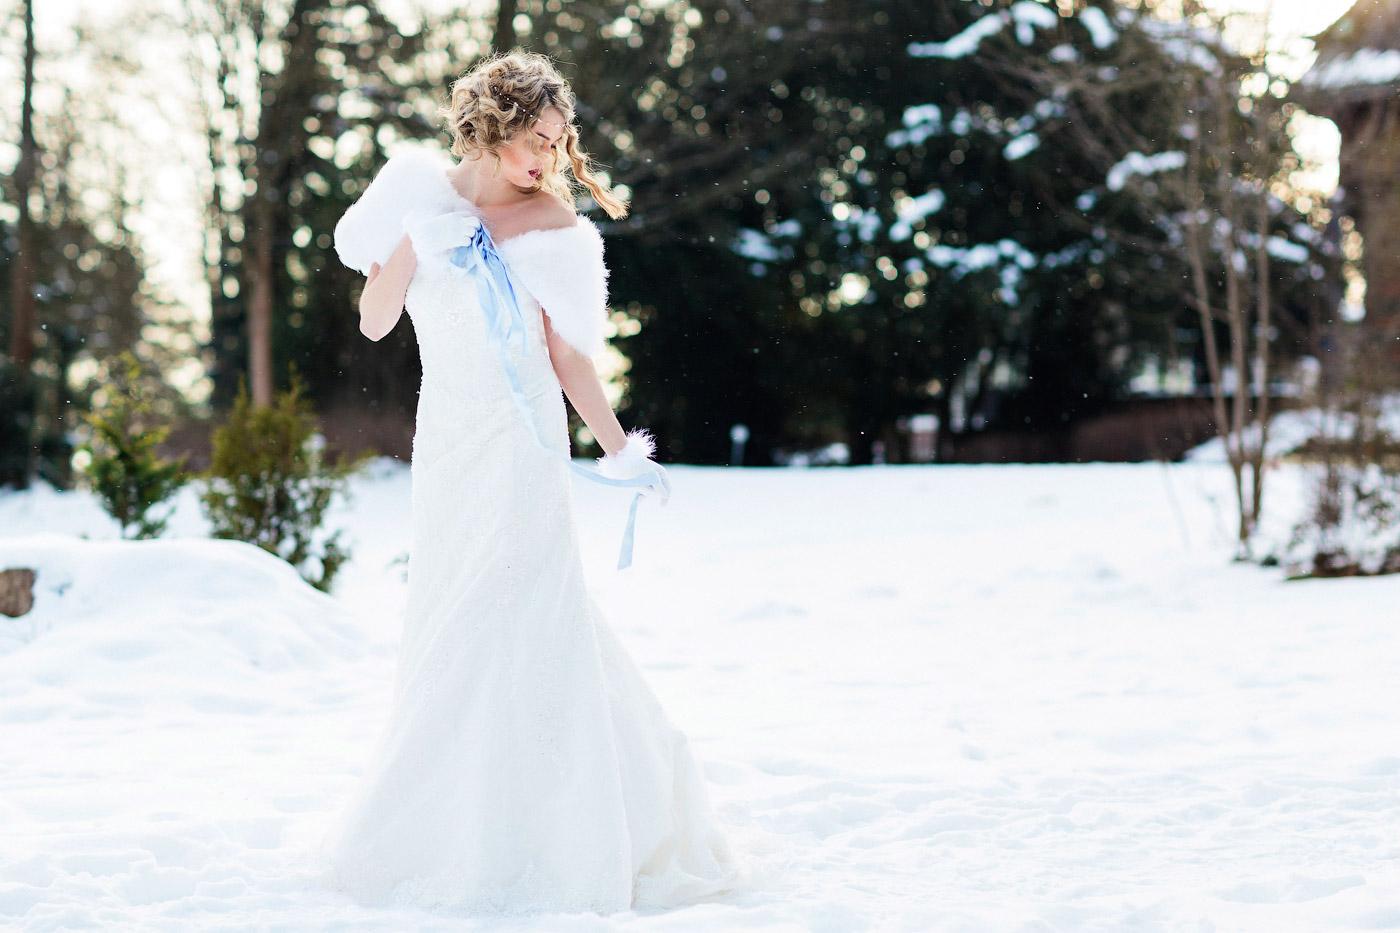 snow-queen-223